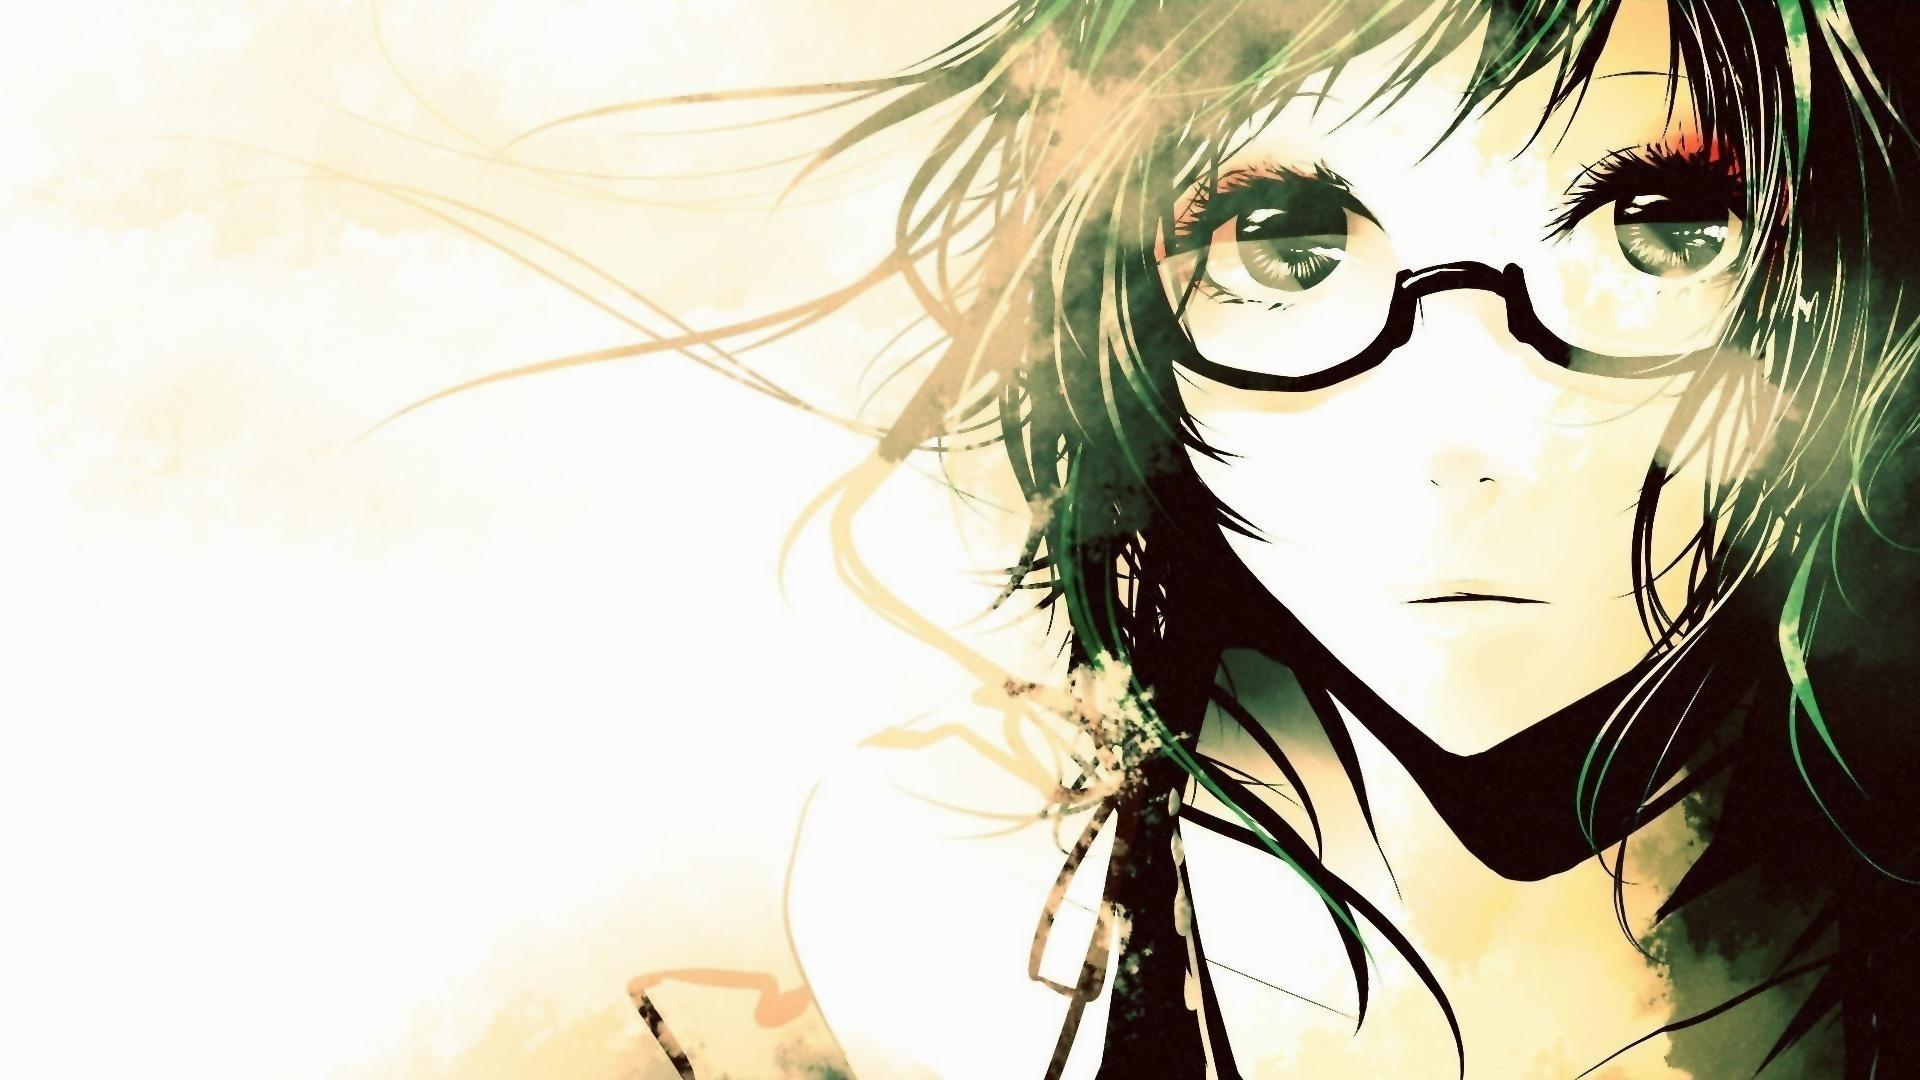 Res: 1920x1080,  wallpaper.wiki-HD-1080p-Anime-Wallpaper-PIC-WPD0014827